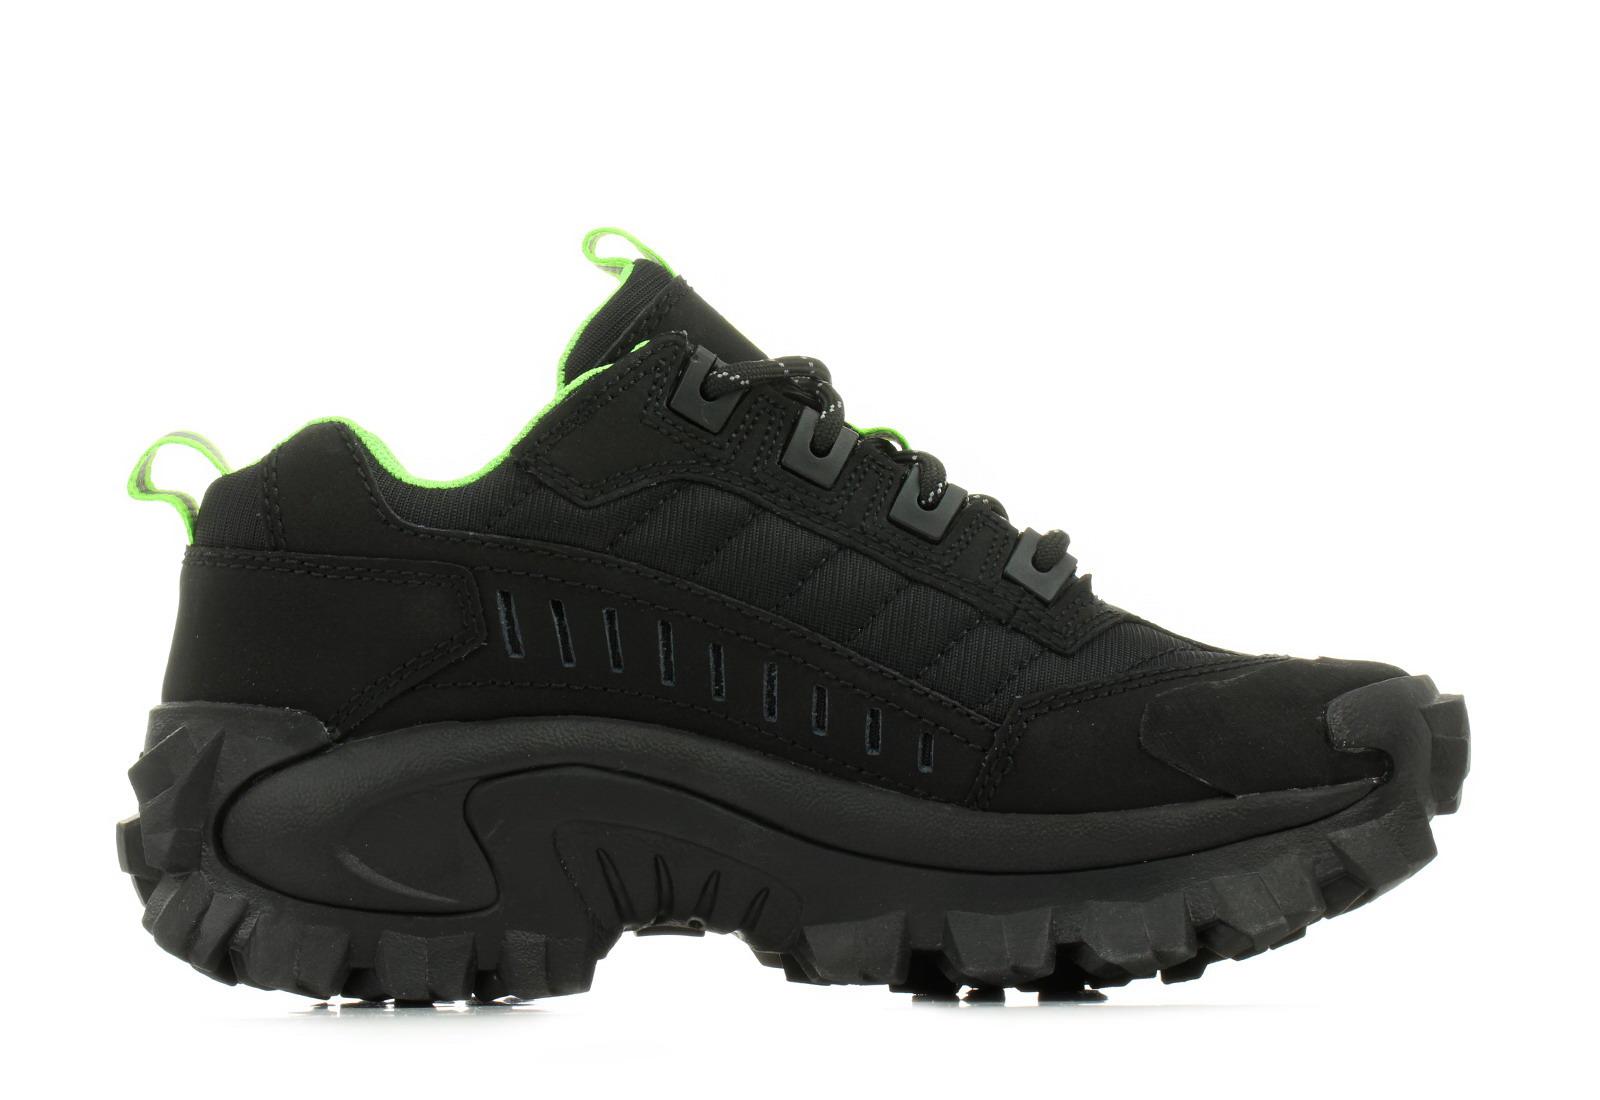 Cat Shoes Intruder 723312 Blk Online Shop For